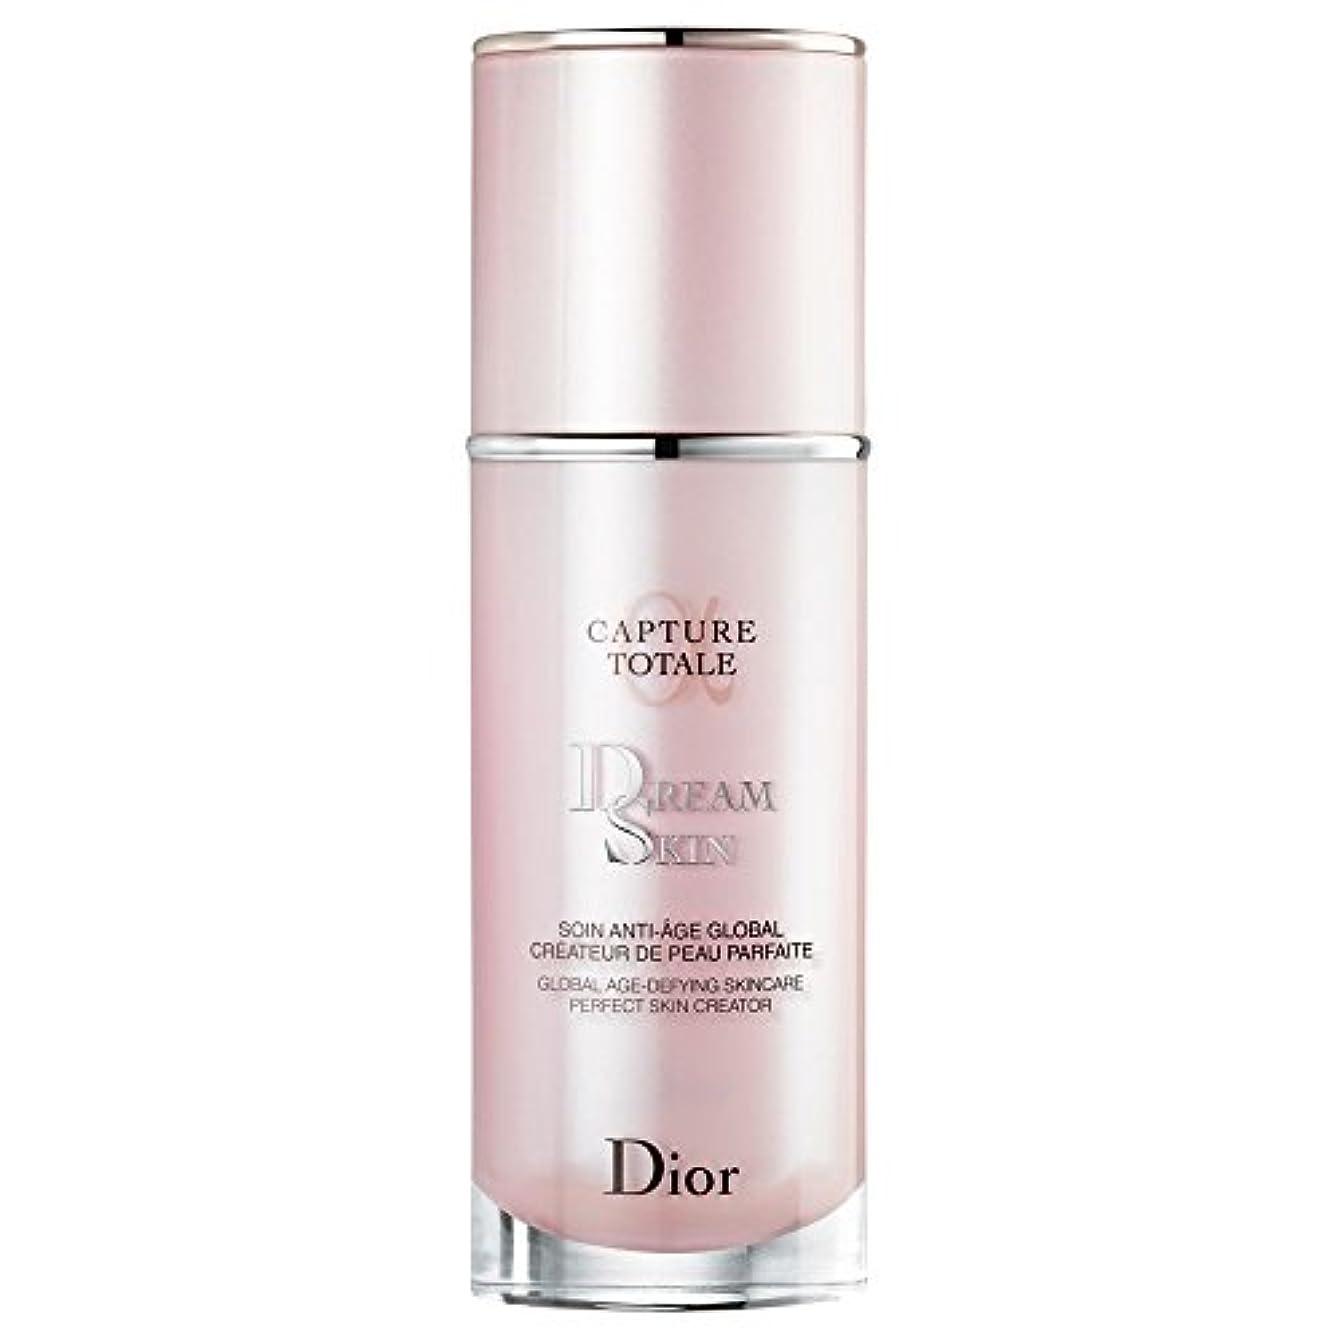 める急いで自由[Dior] ディオールキャプチャカプチュールトータルDreamskin血清50ミリリットル - Dior Capture Totale Dreamskin Serum 50ml [並行輸入品]